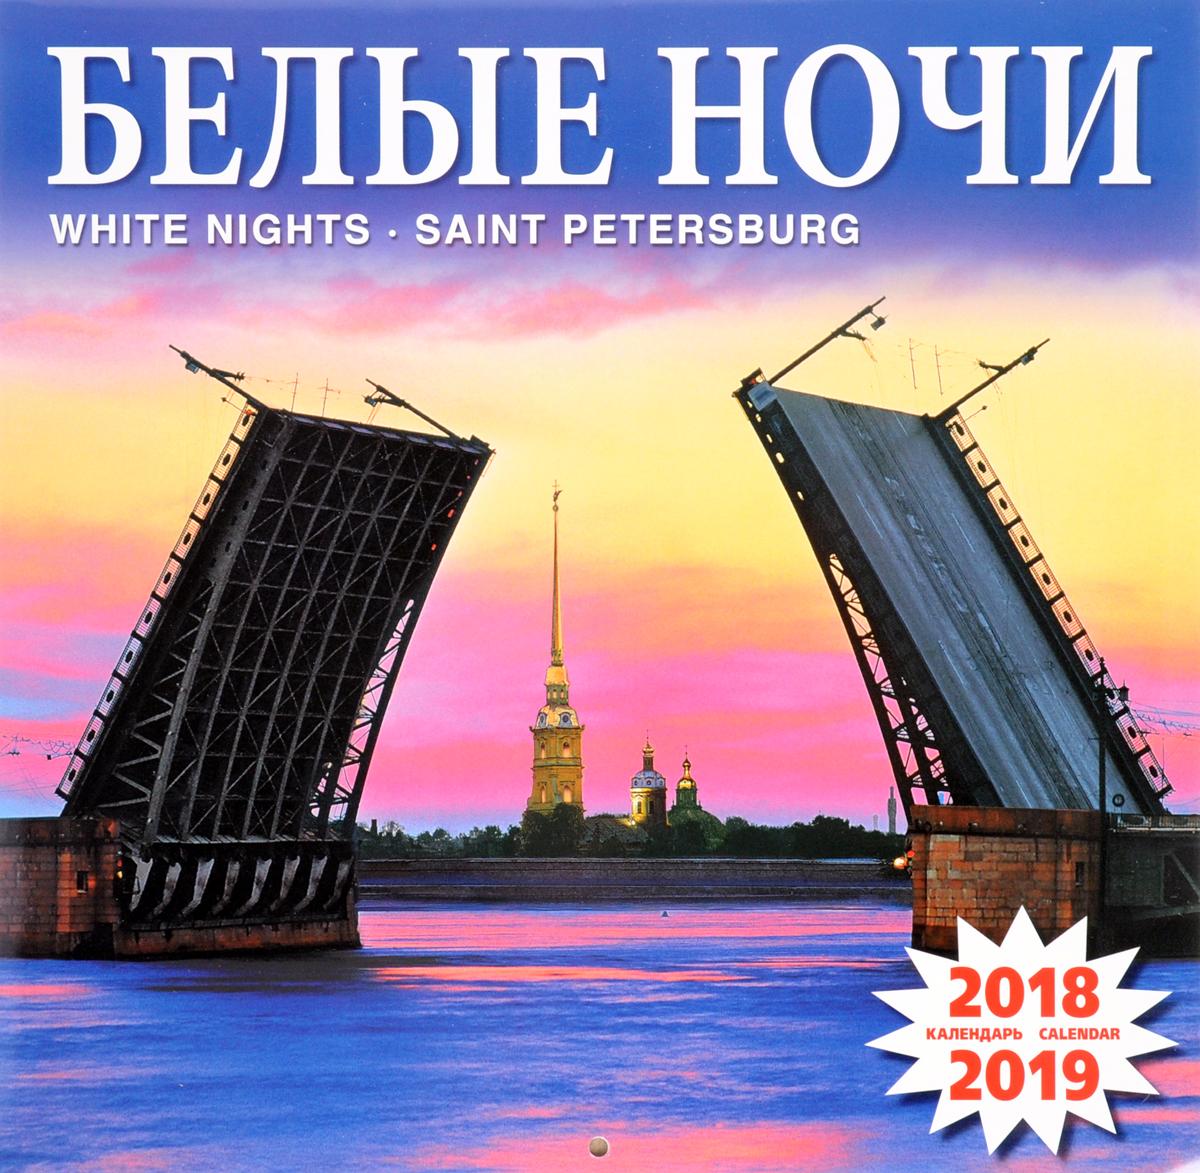 Календарь 2018-2019 (на скрепке). Белые ночи / White Nights календарь на скрепке яркий город 2017г окрестности санкт петербурга 29 28 5см